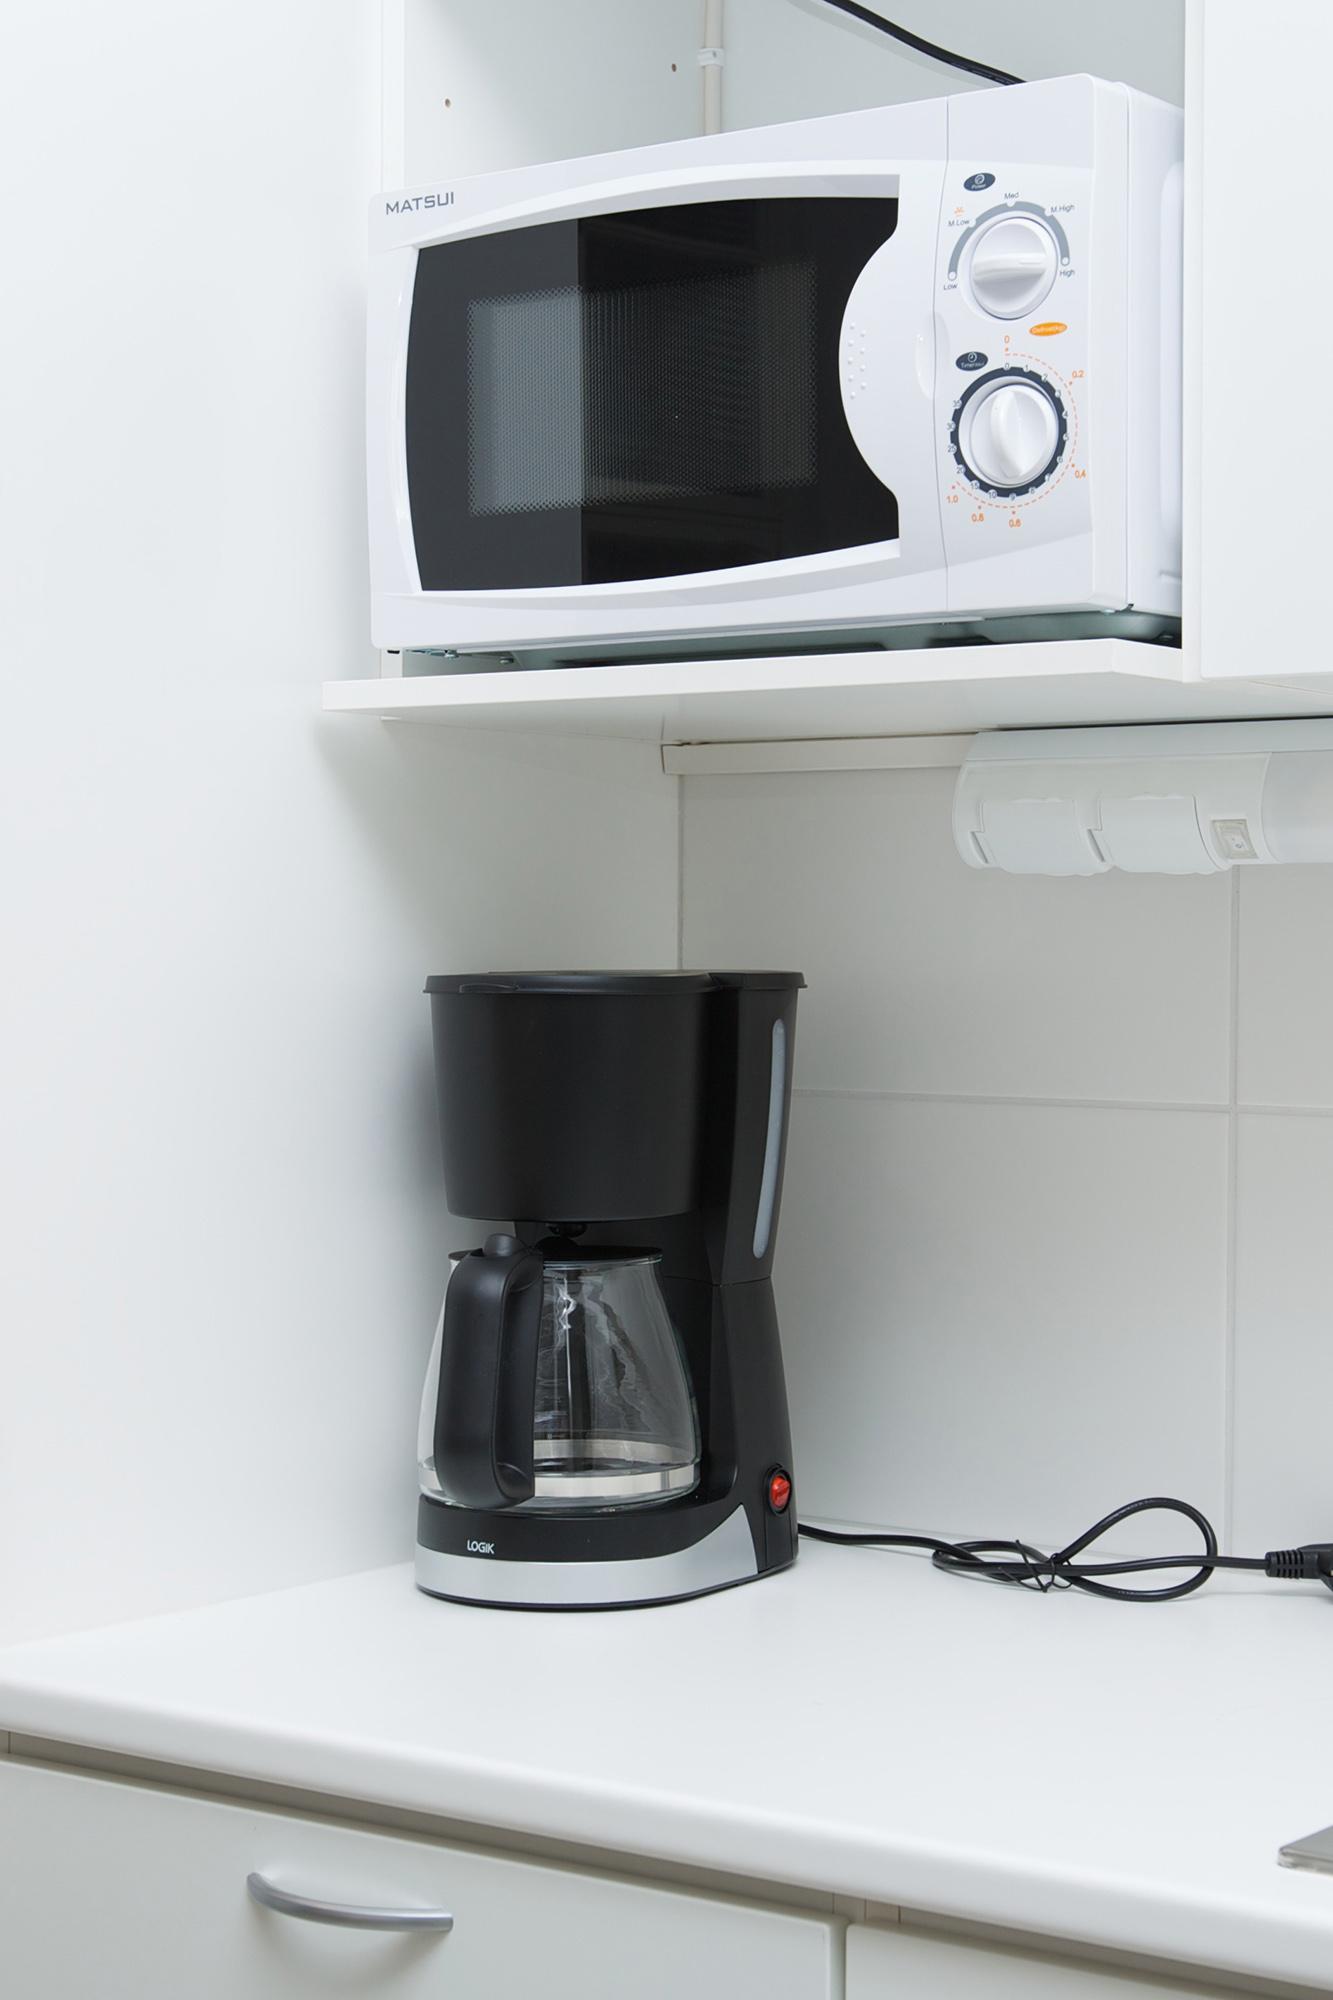 Lähikuva toimistohotellin keittiöstä, kahvinkeitin ja mikroaaltouuni